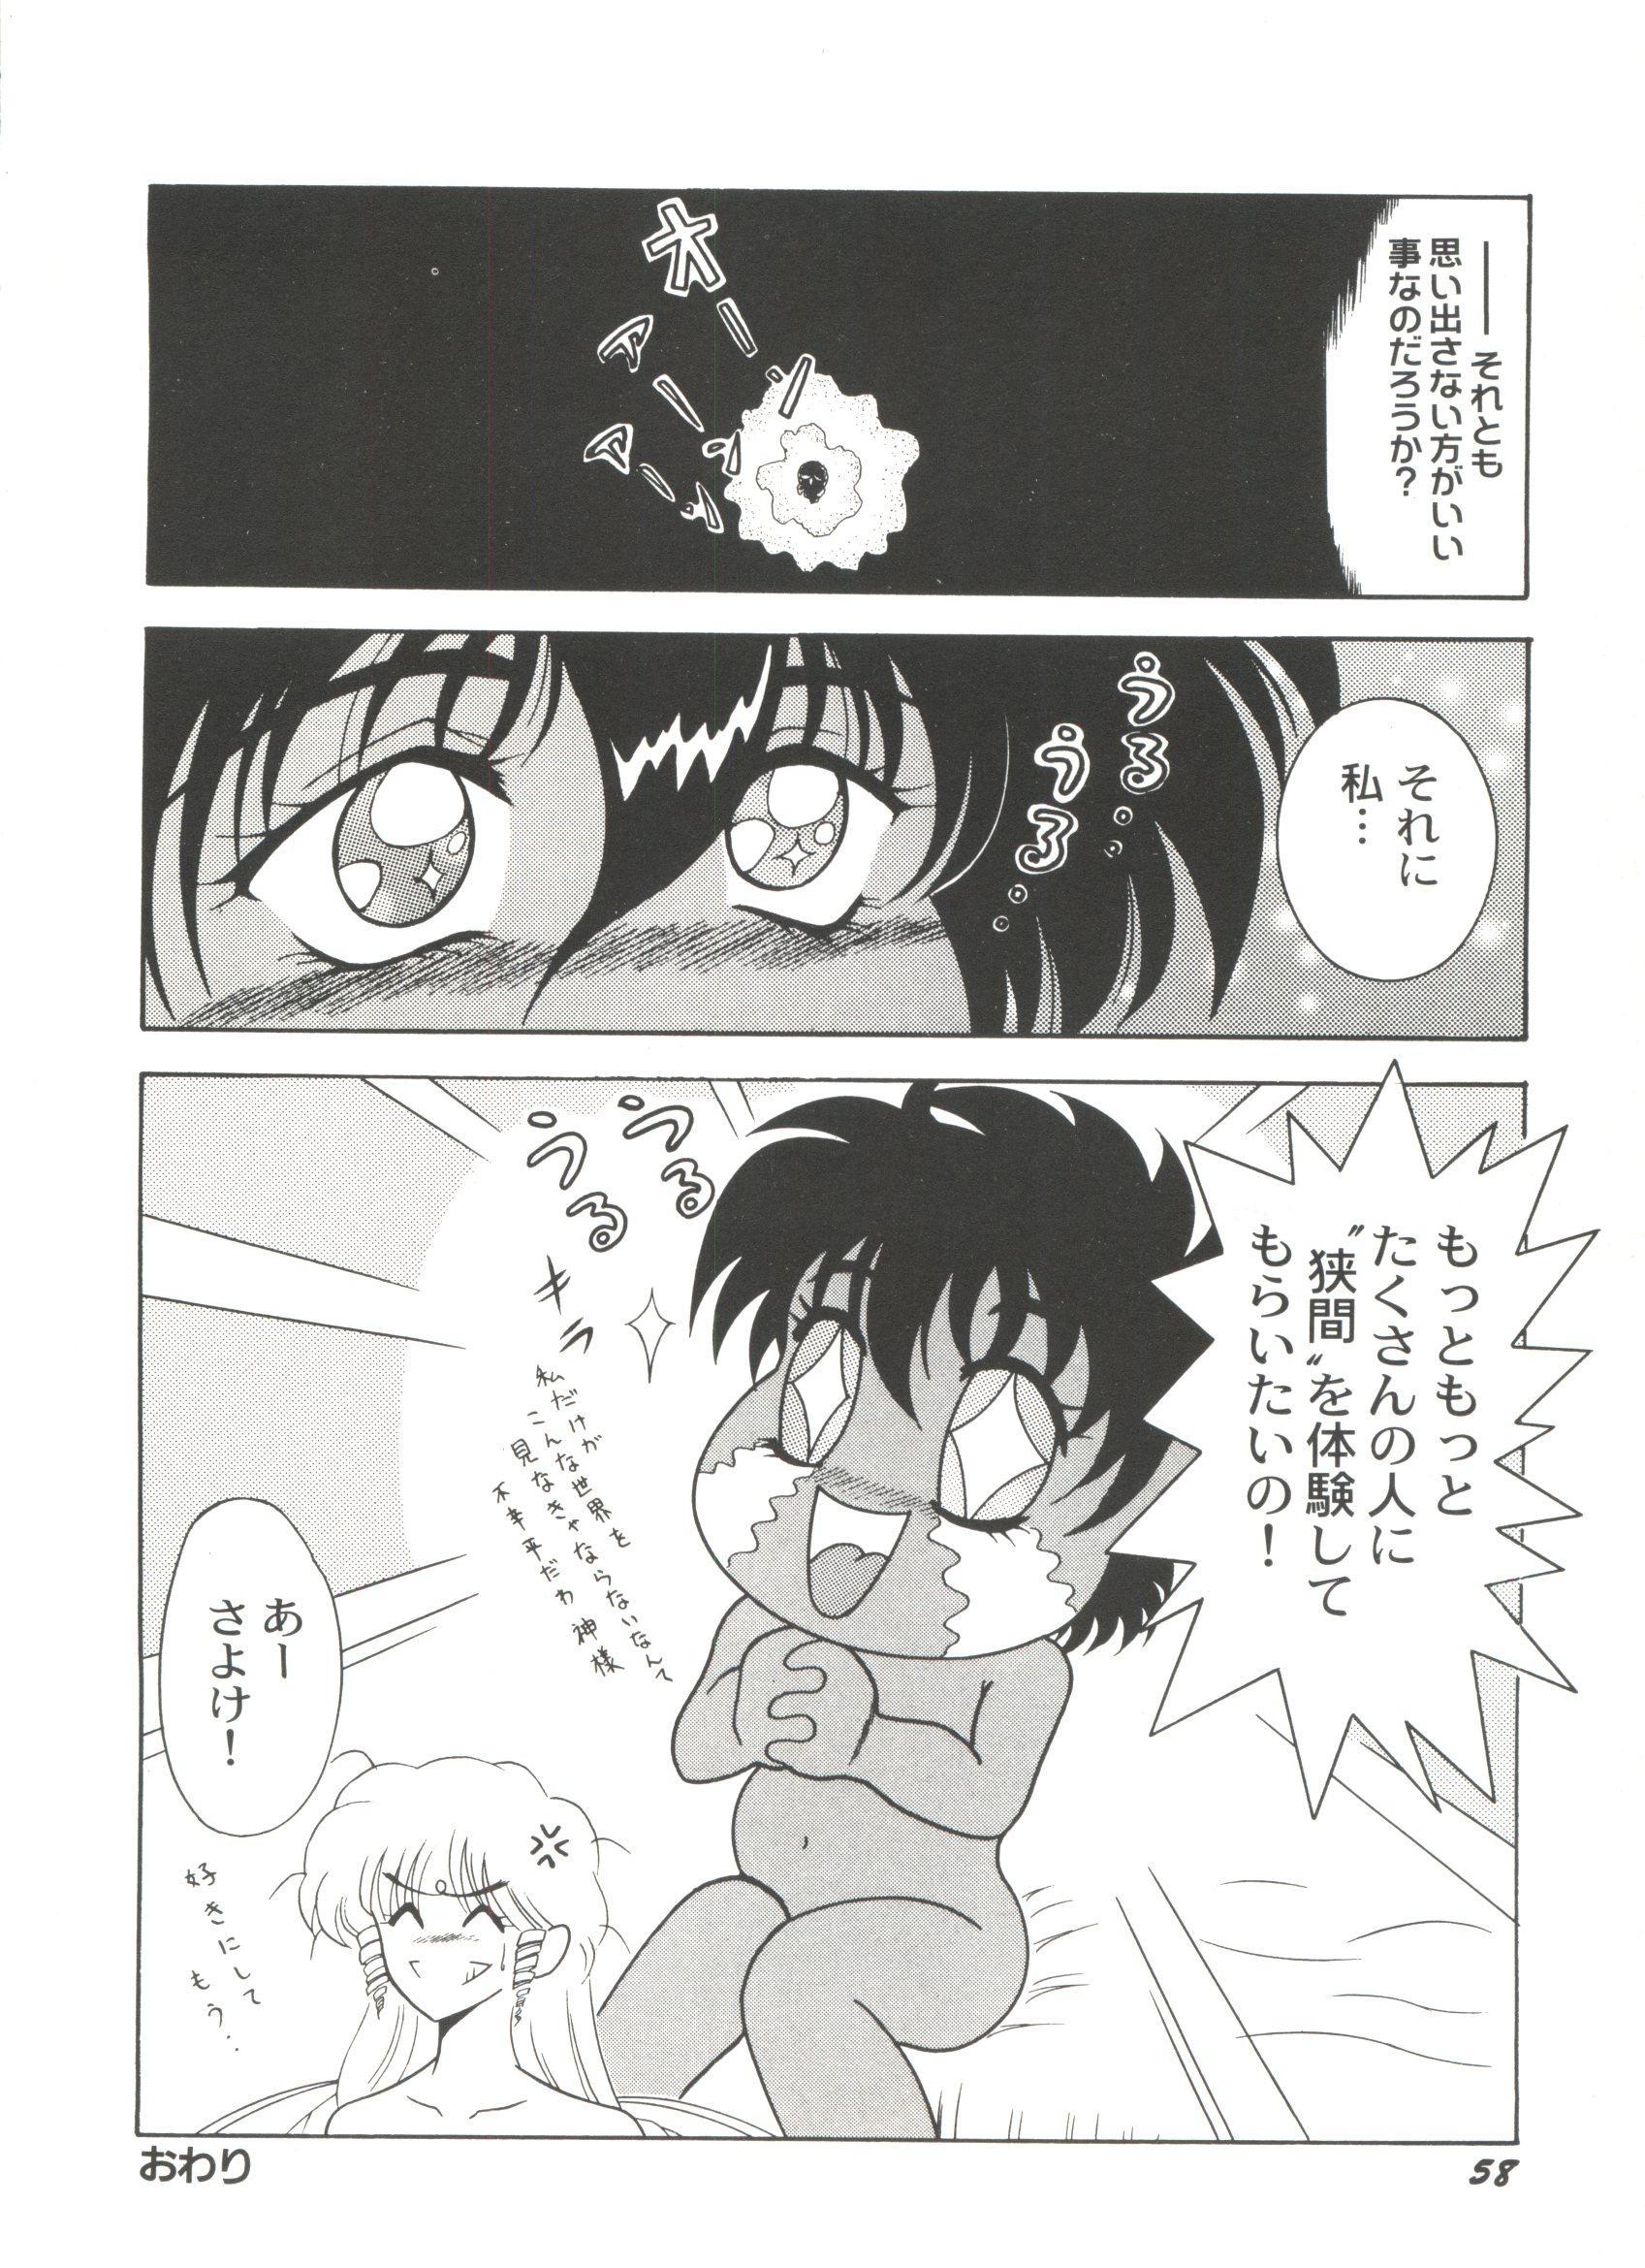 Bishoujo Doujinshi Anthology Cute 5 60